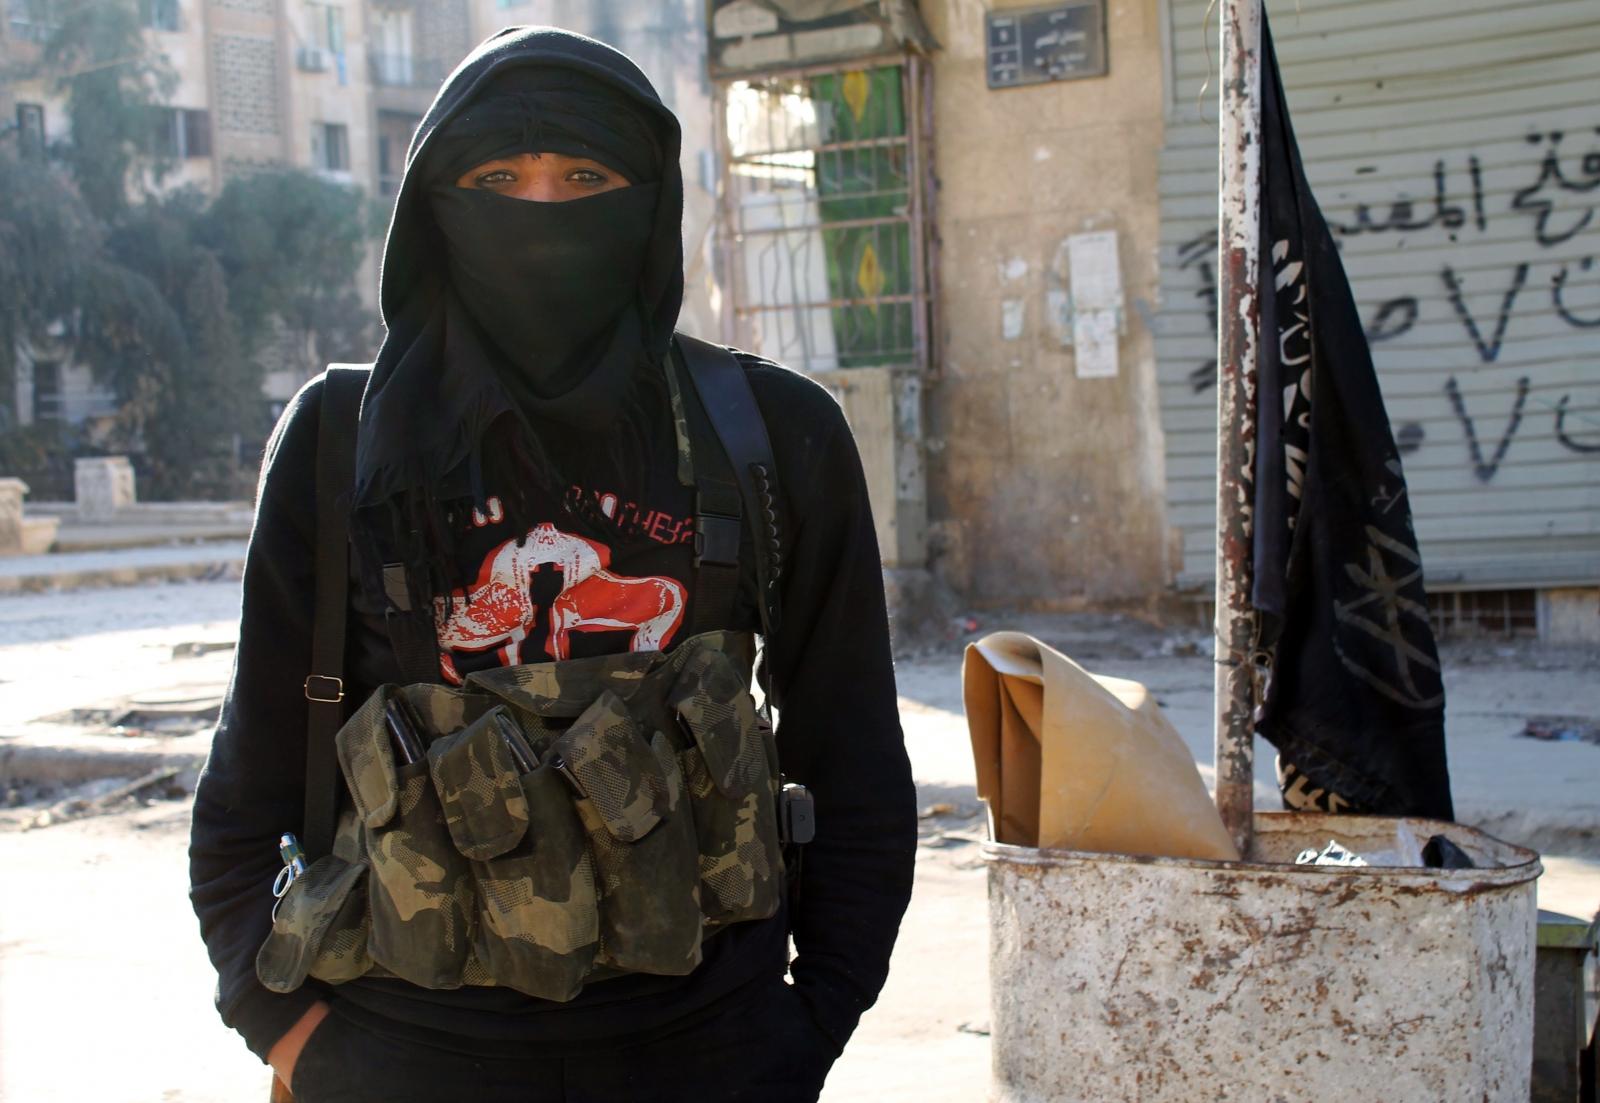 Member of jihadist group Jabhat al Nusra in Syria. (Getty)